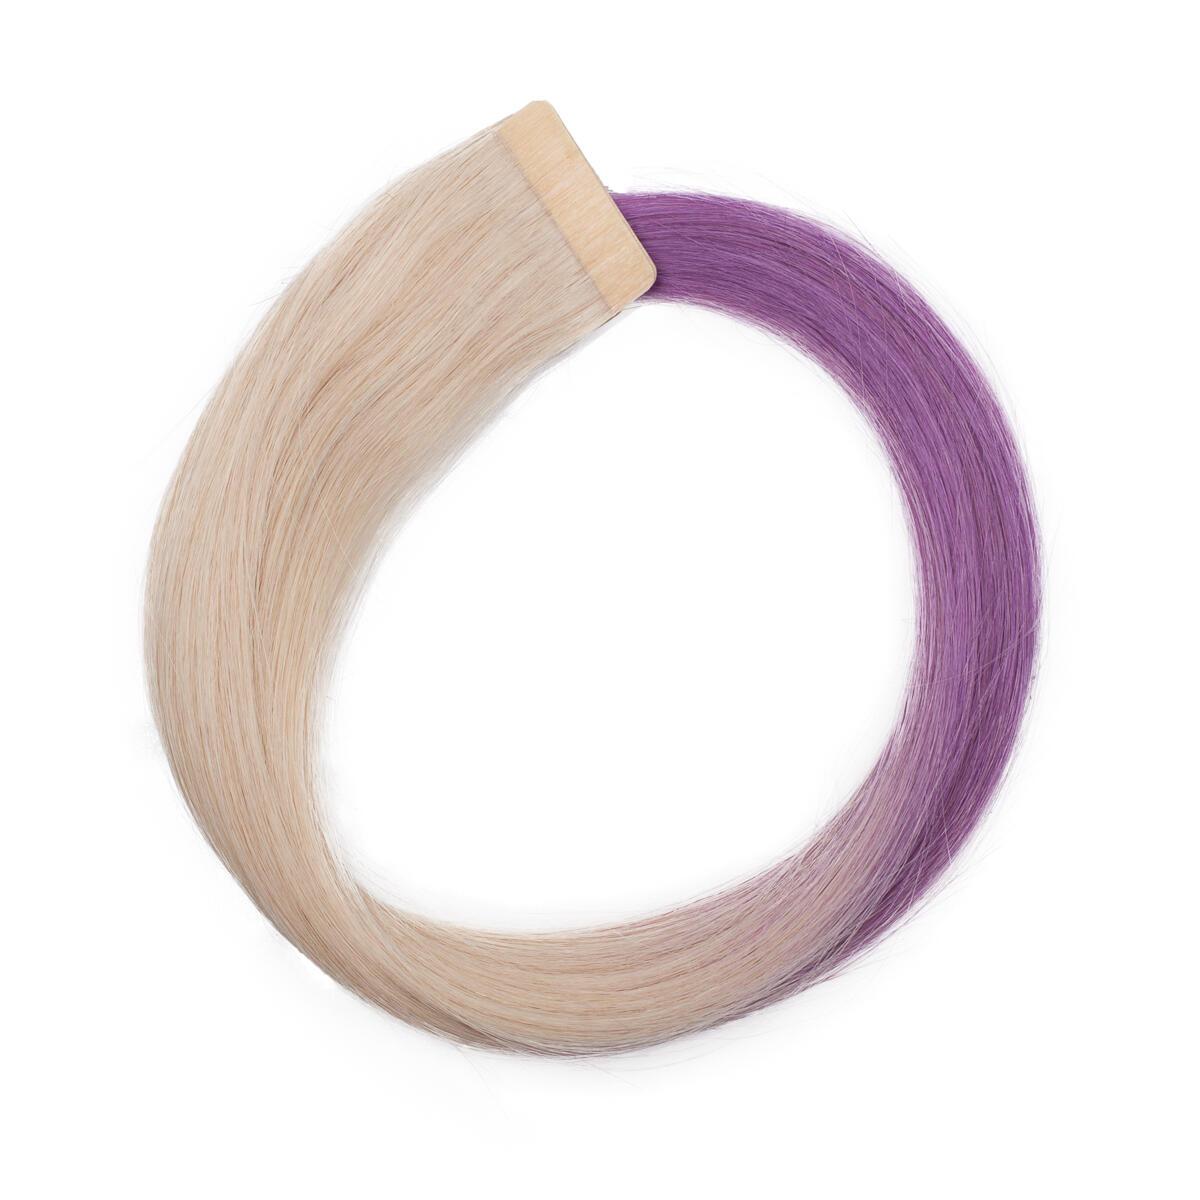 Quick & Easy Original Glatt O10.8/99.3 Light Purple Ombre 50 cm